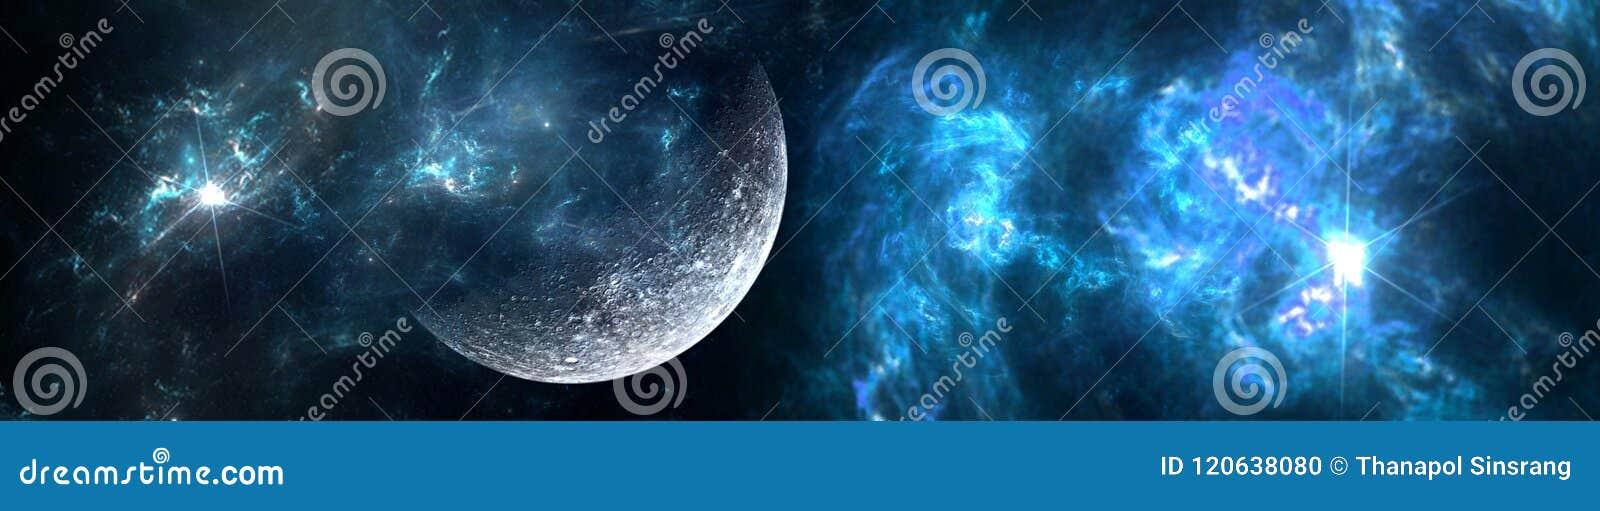 Planeten und Galaxie, Zukunftsromantapete